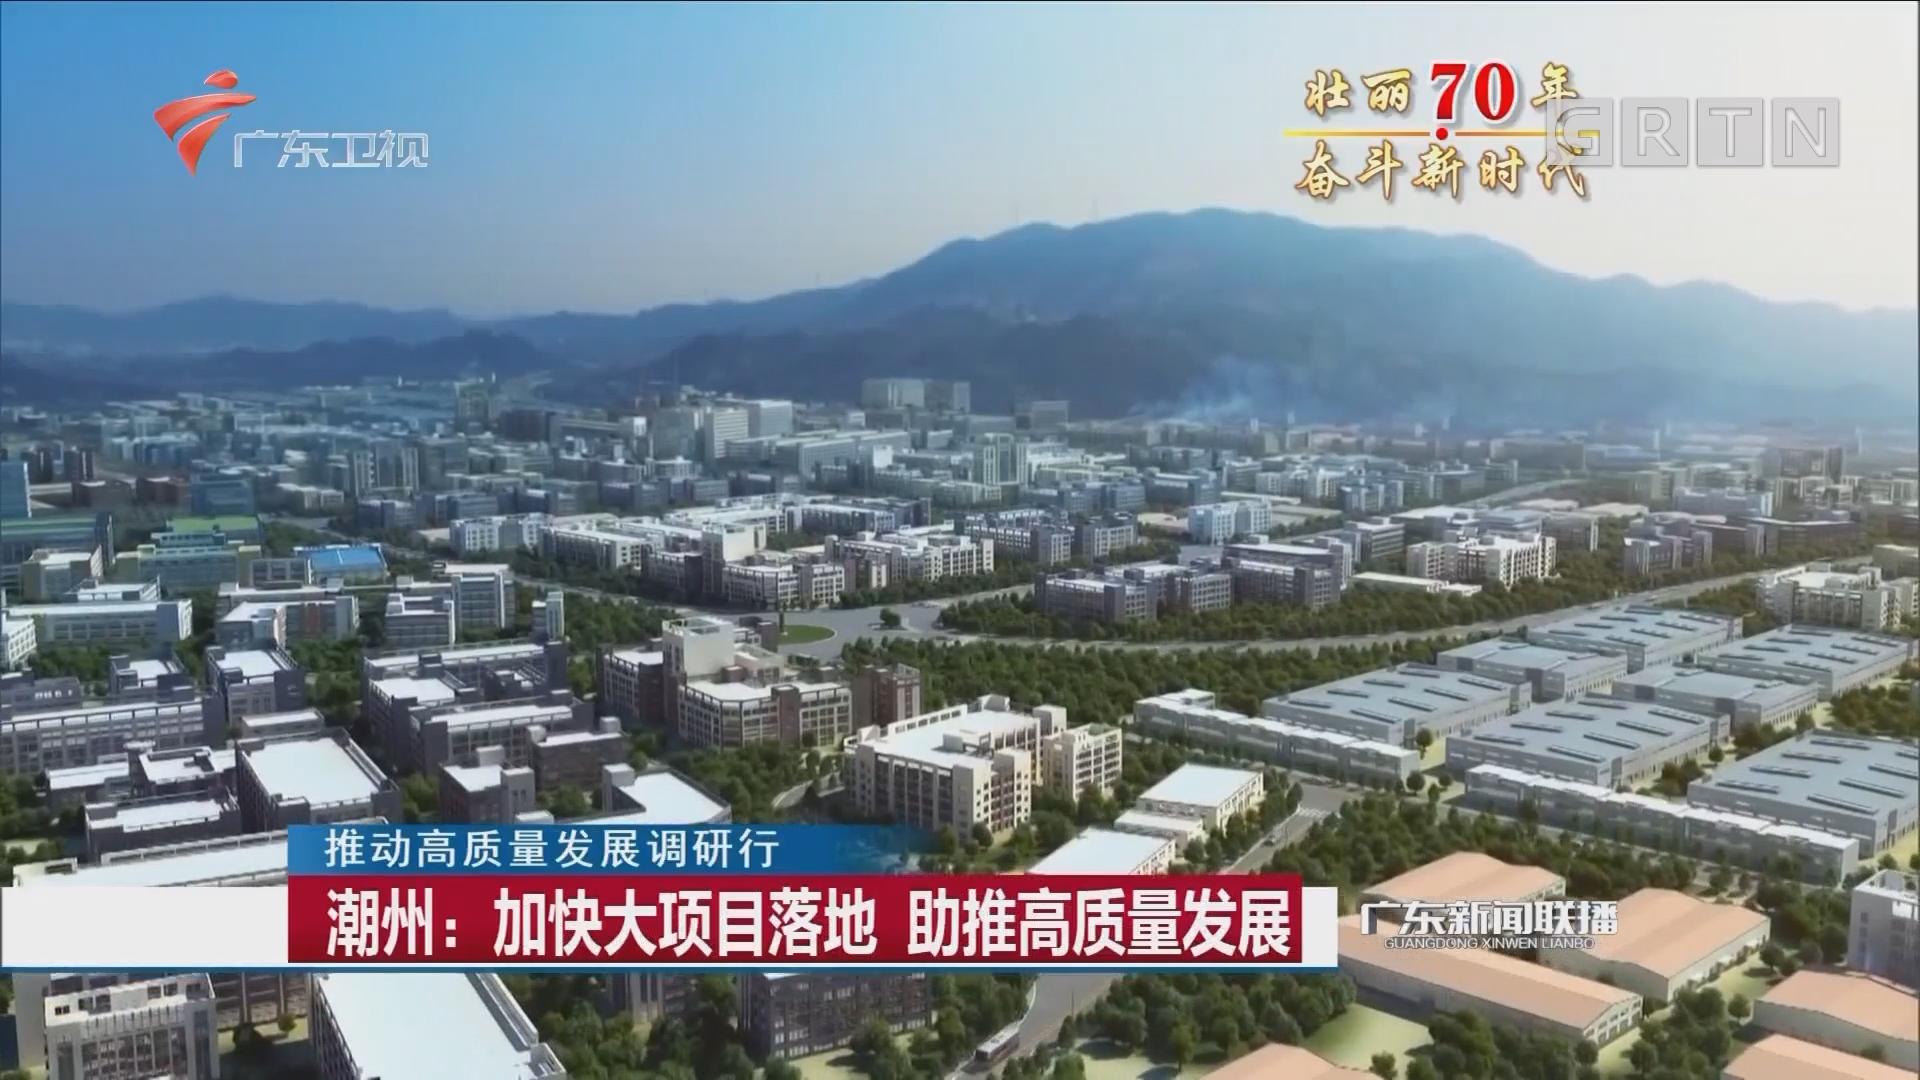 潮州:加快大项目落地 助推高质量发展